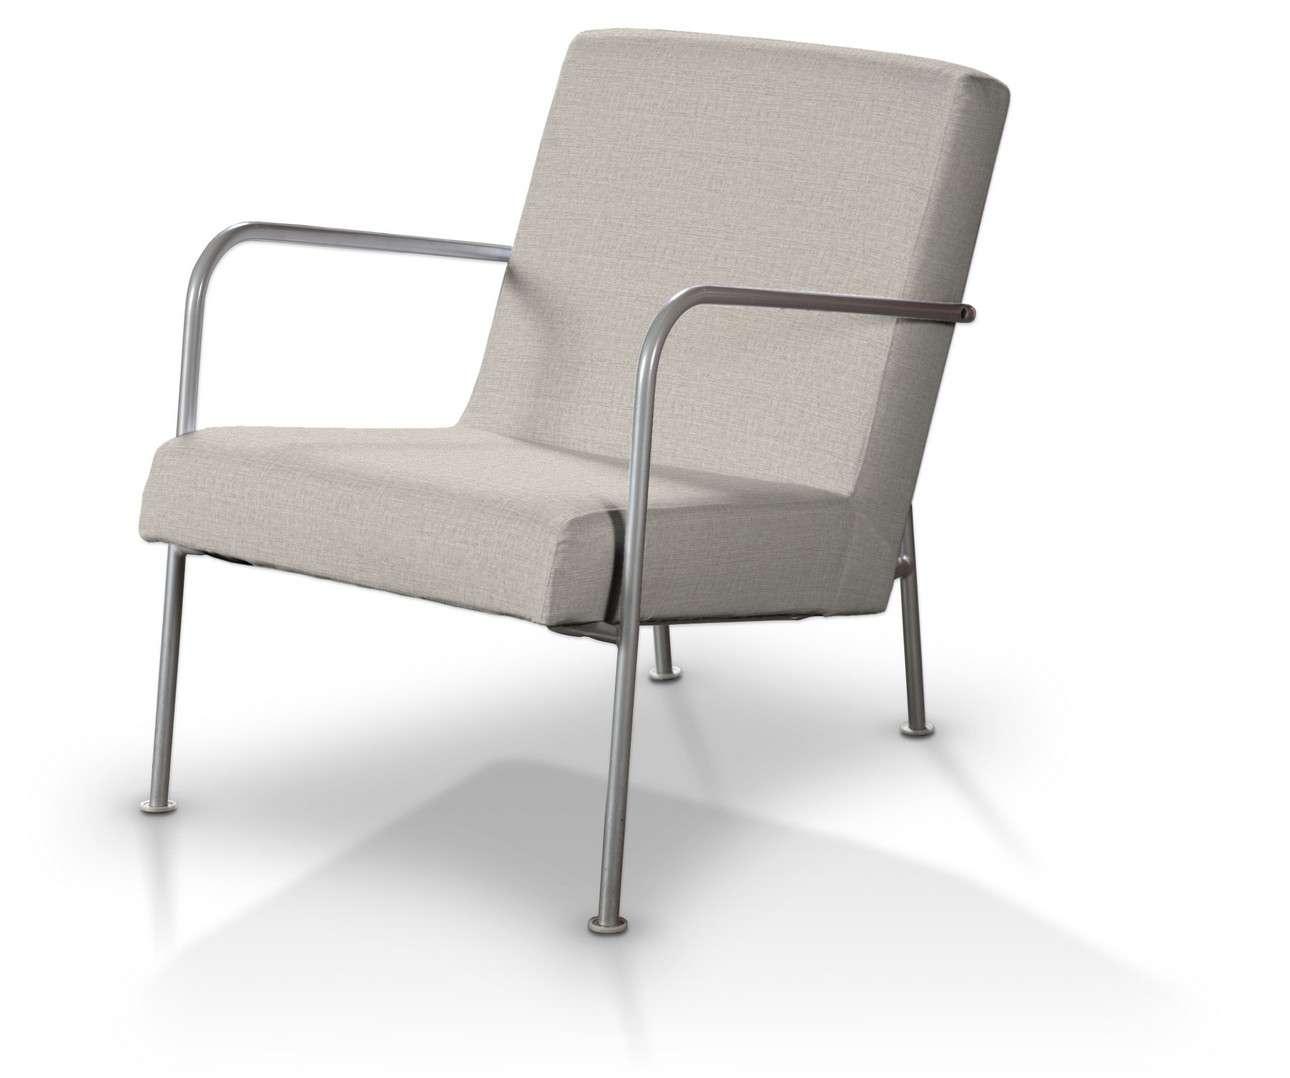 Bezug für Ikea PS Sessel von der Kollektion Living II, Stoff: 161-00